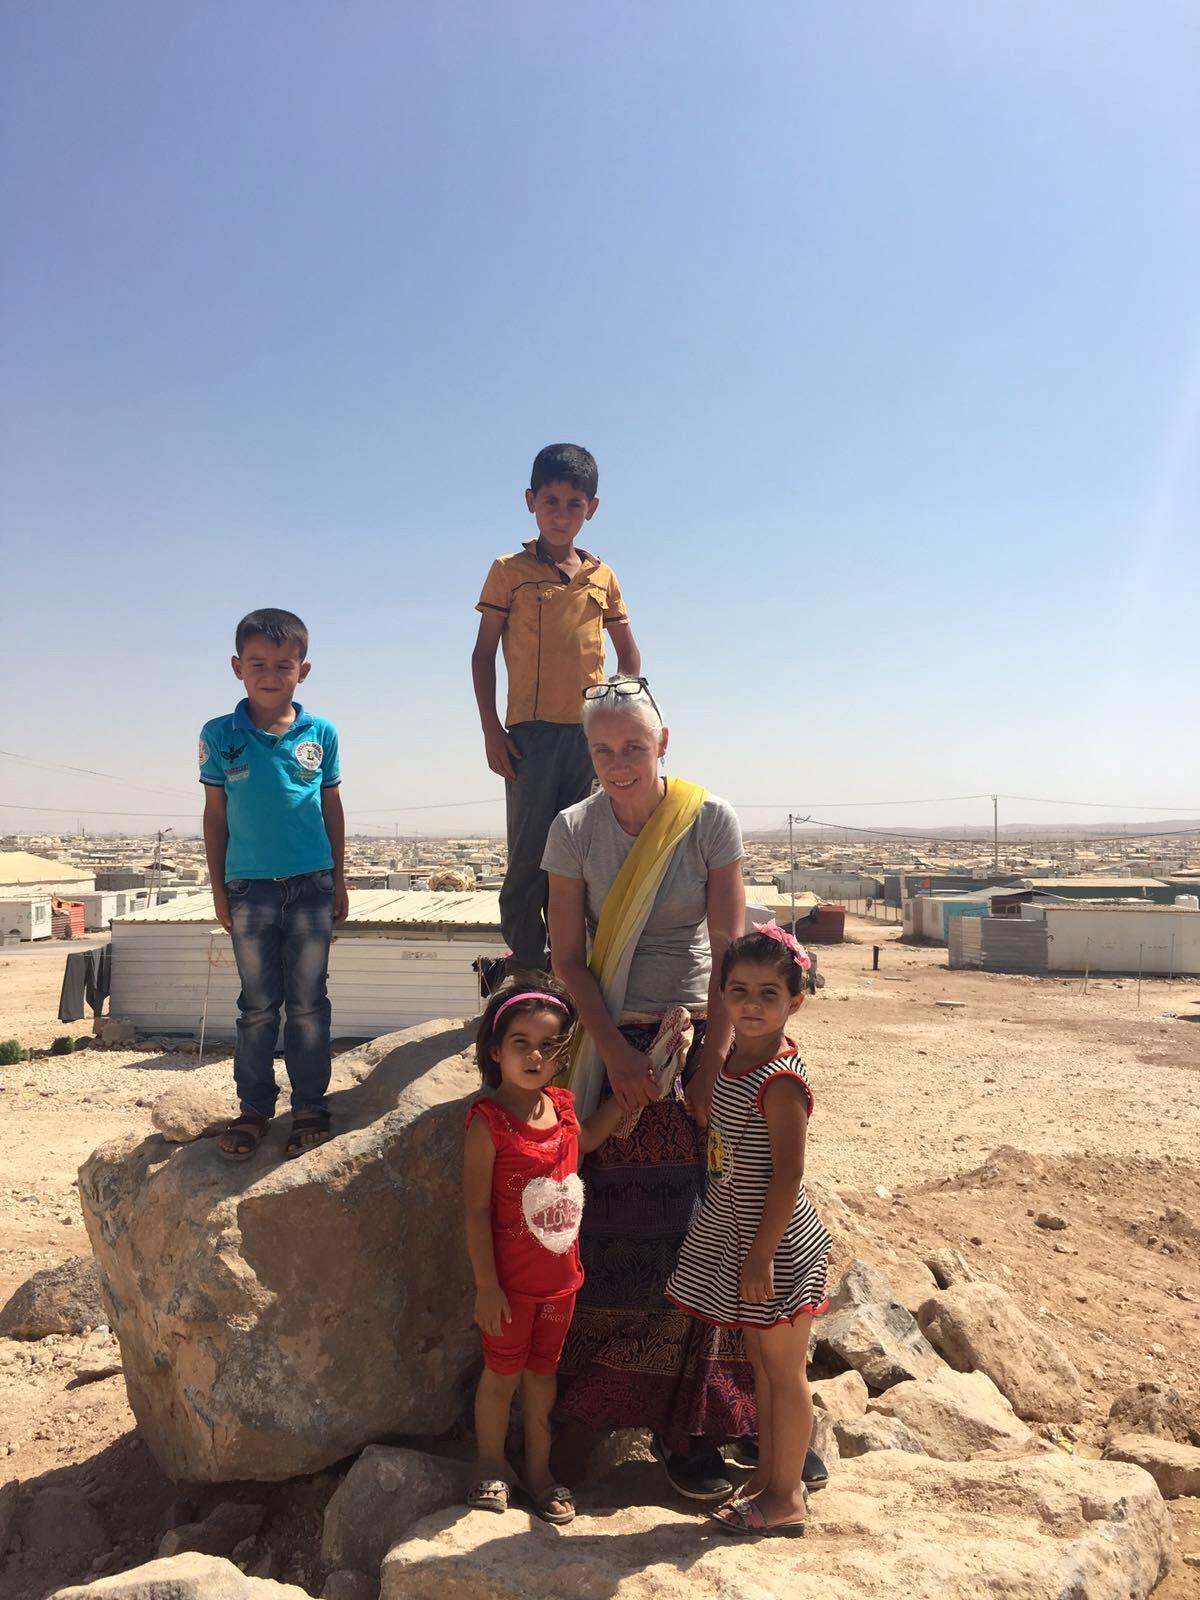 50% of people living in Za'atari are children